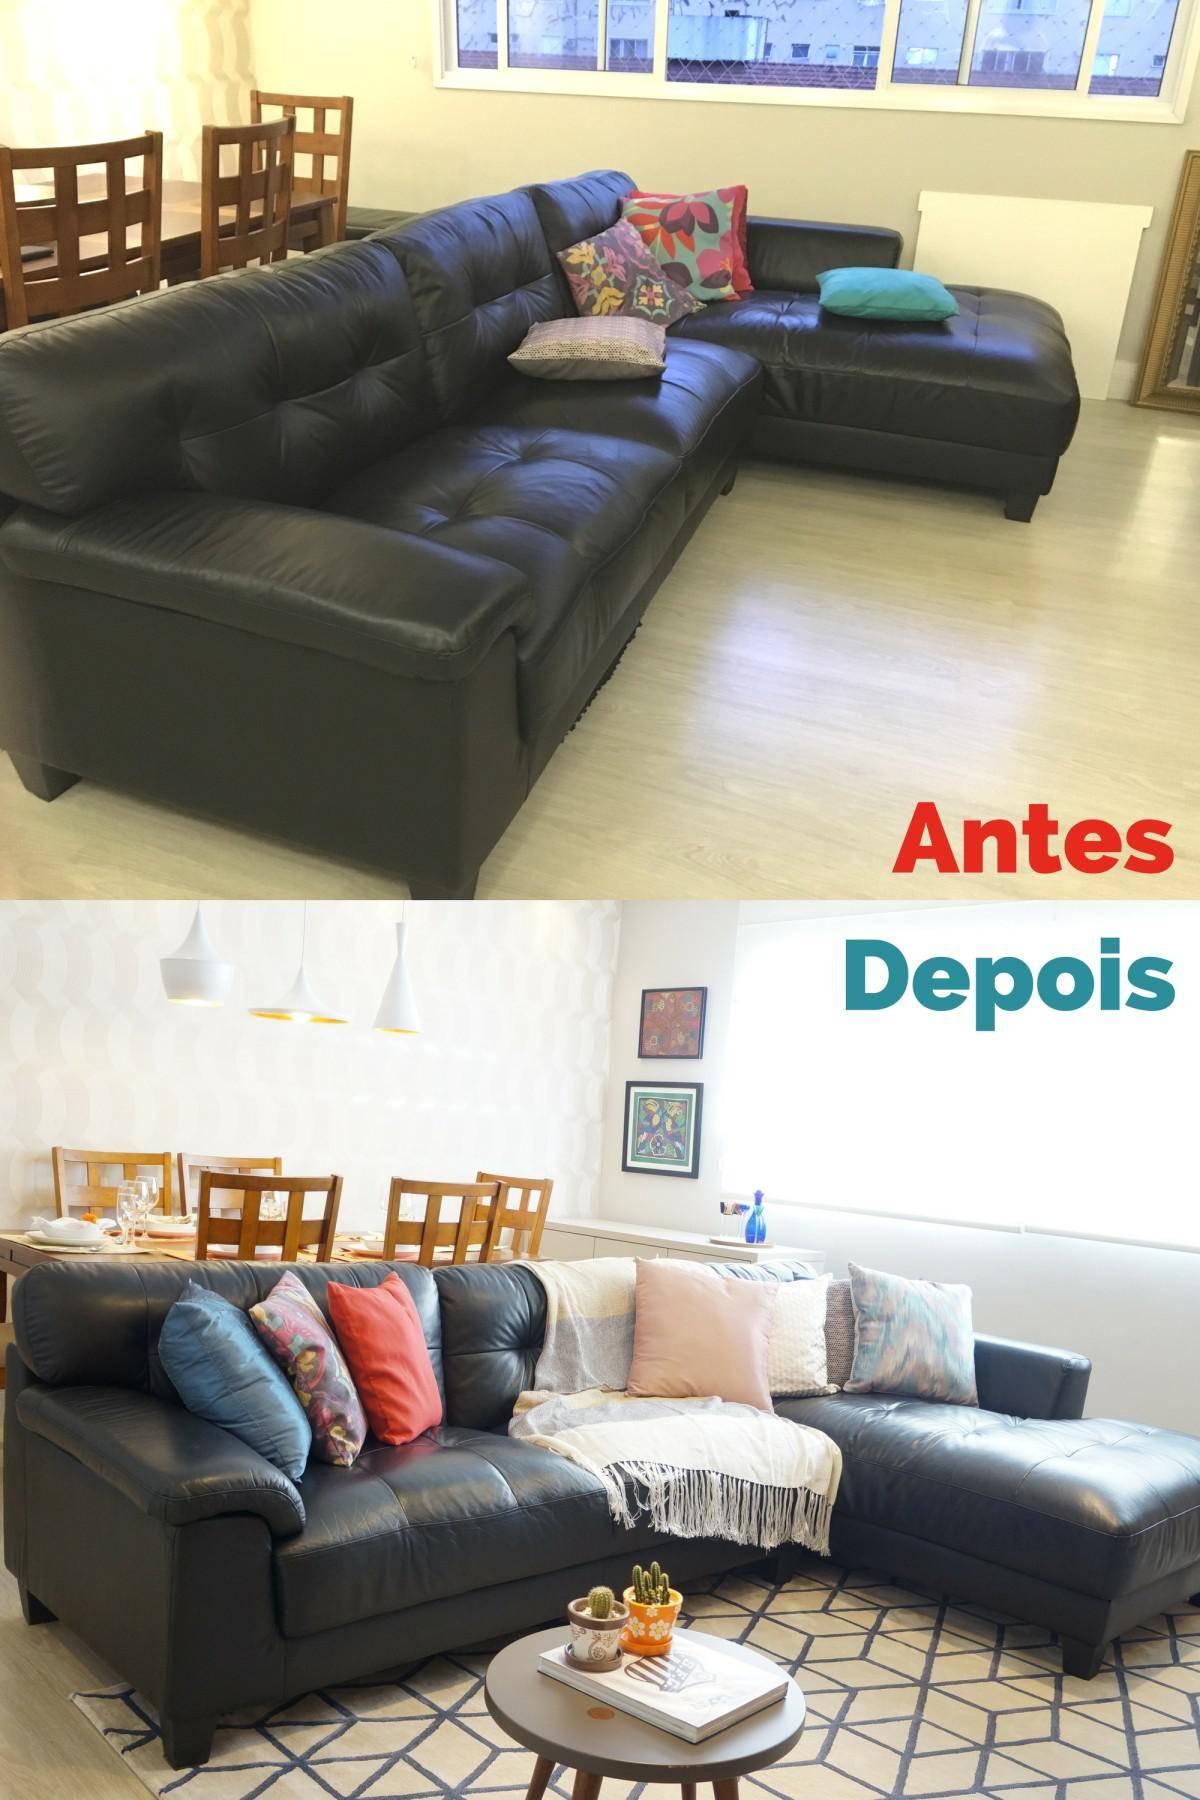 www.juicysantos.com.br - transforme sua casa em 90 minutos